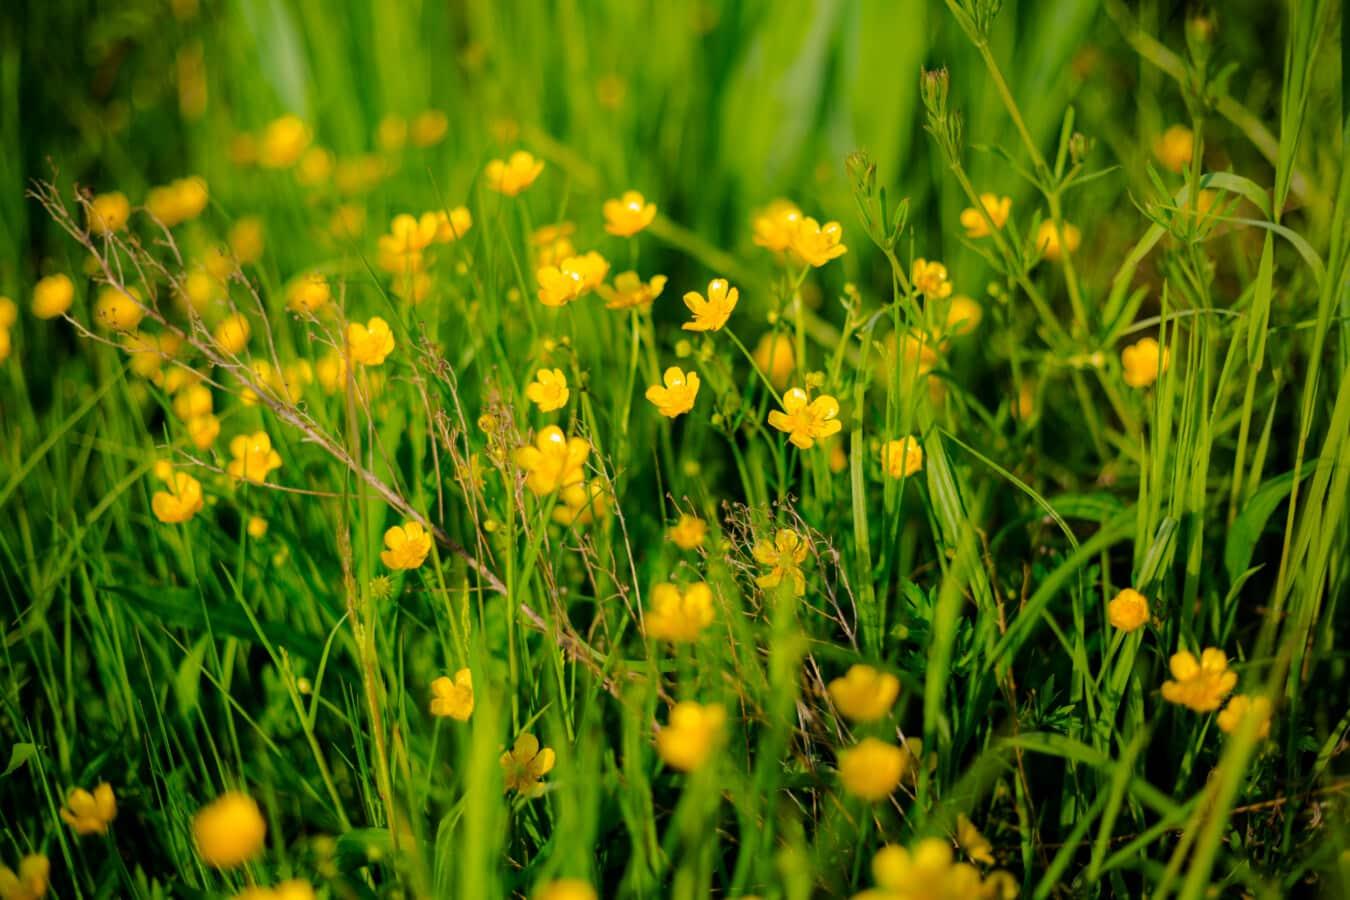 Ranunculus repens, nature, été, plante, herbe, soleil, printemps, flore, feuille, beau temps